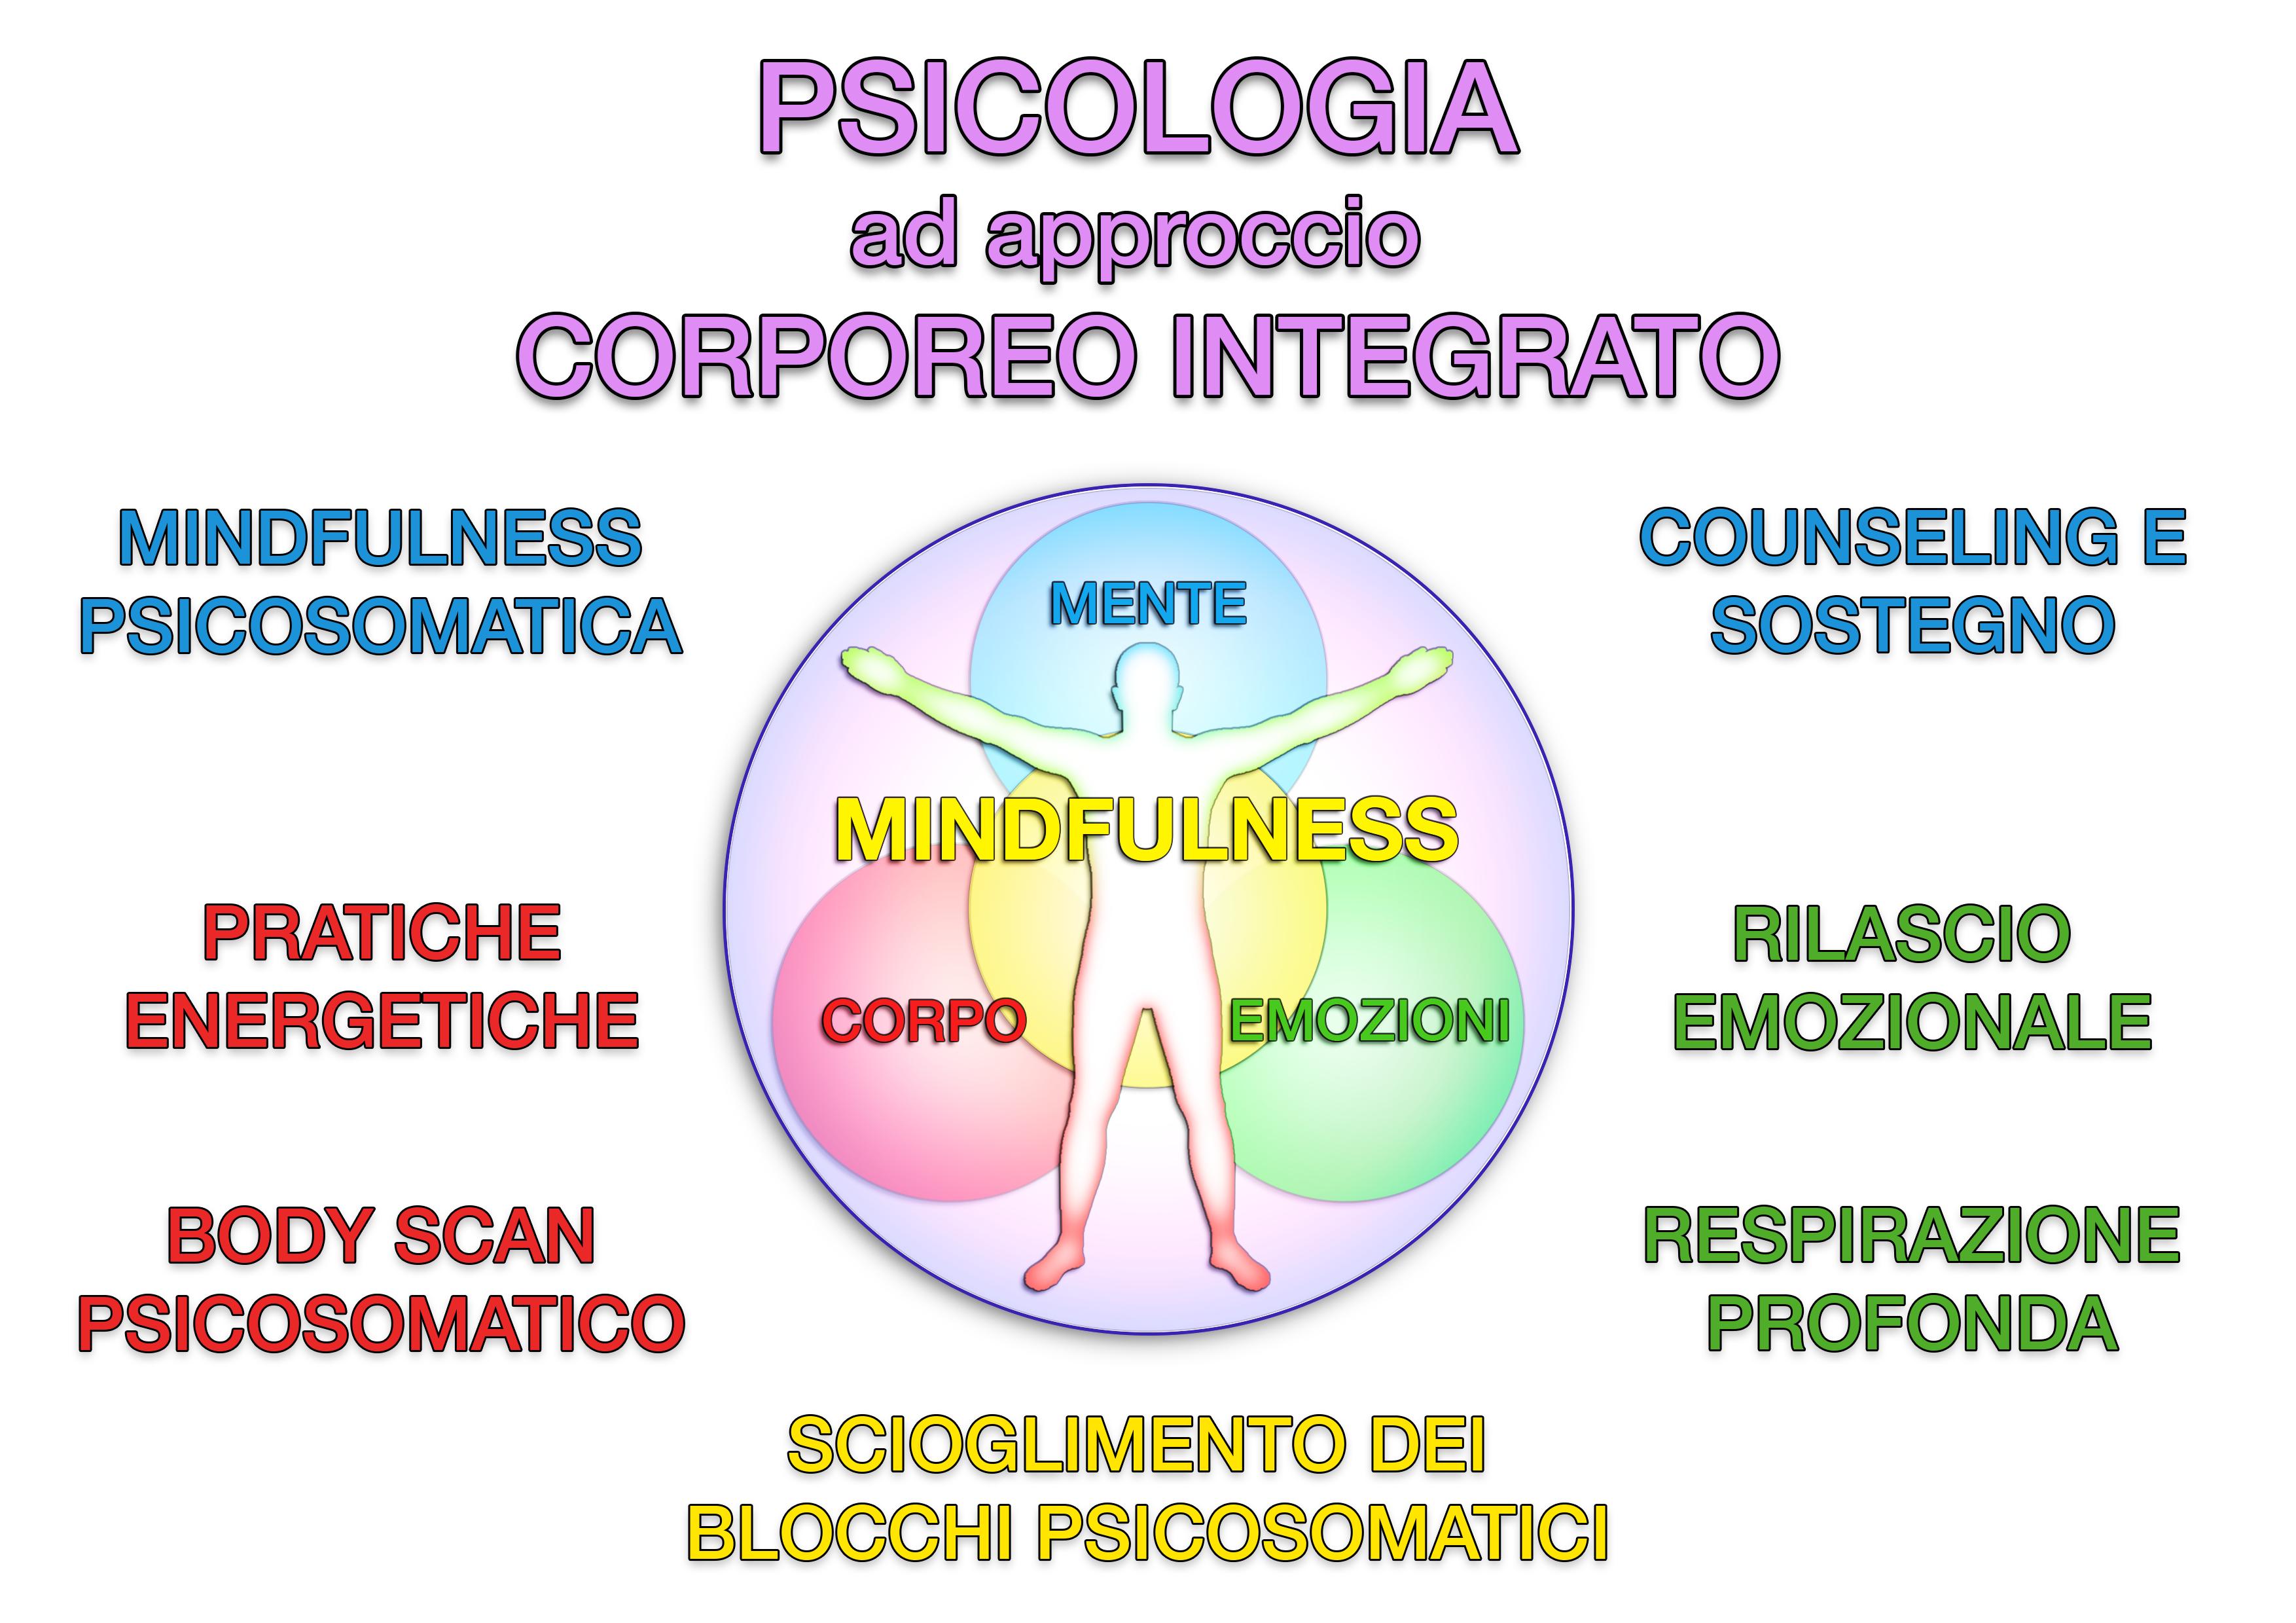 approccio corporeo integrato